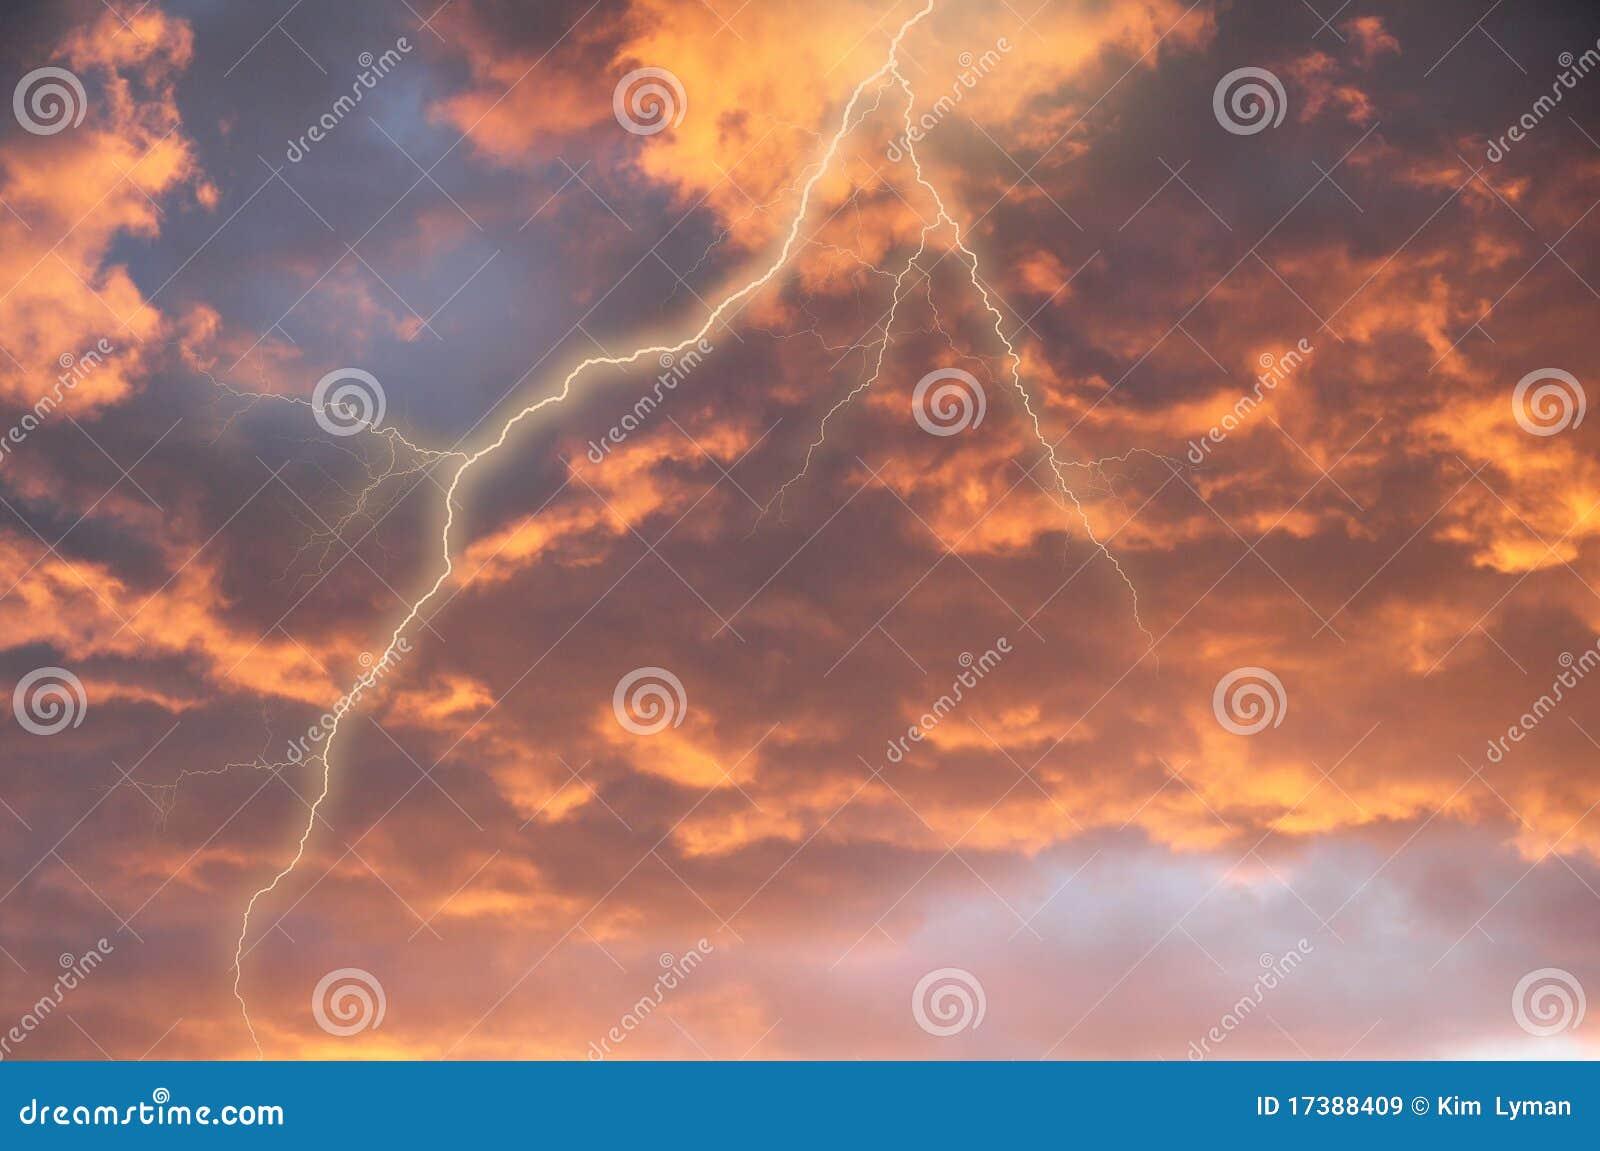 Nubi di tempesta con lampo